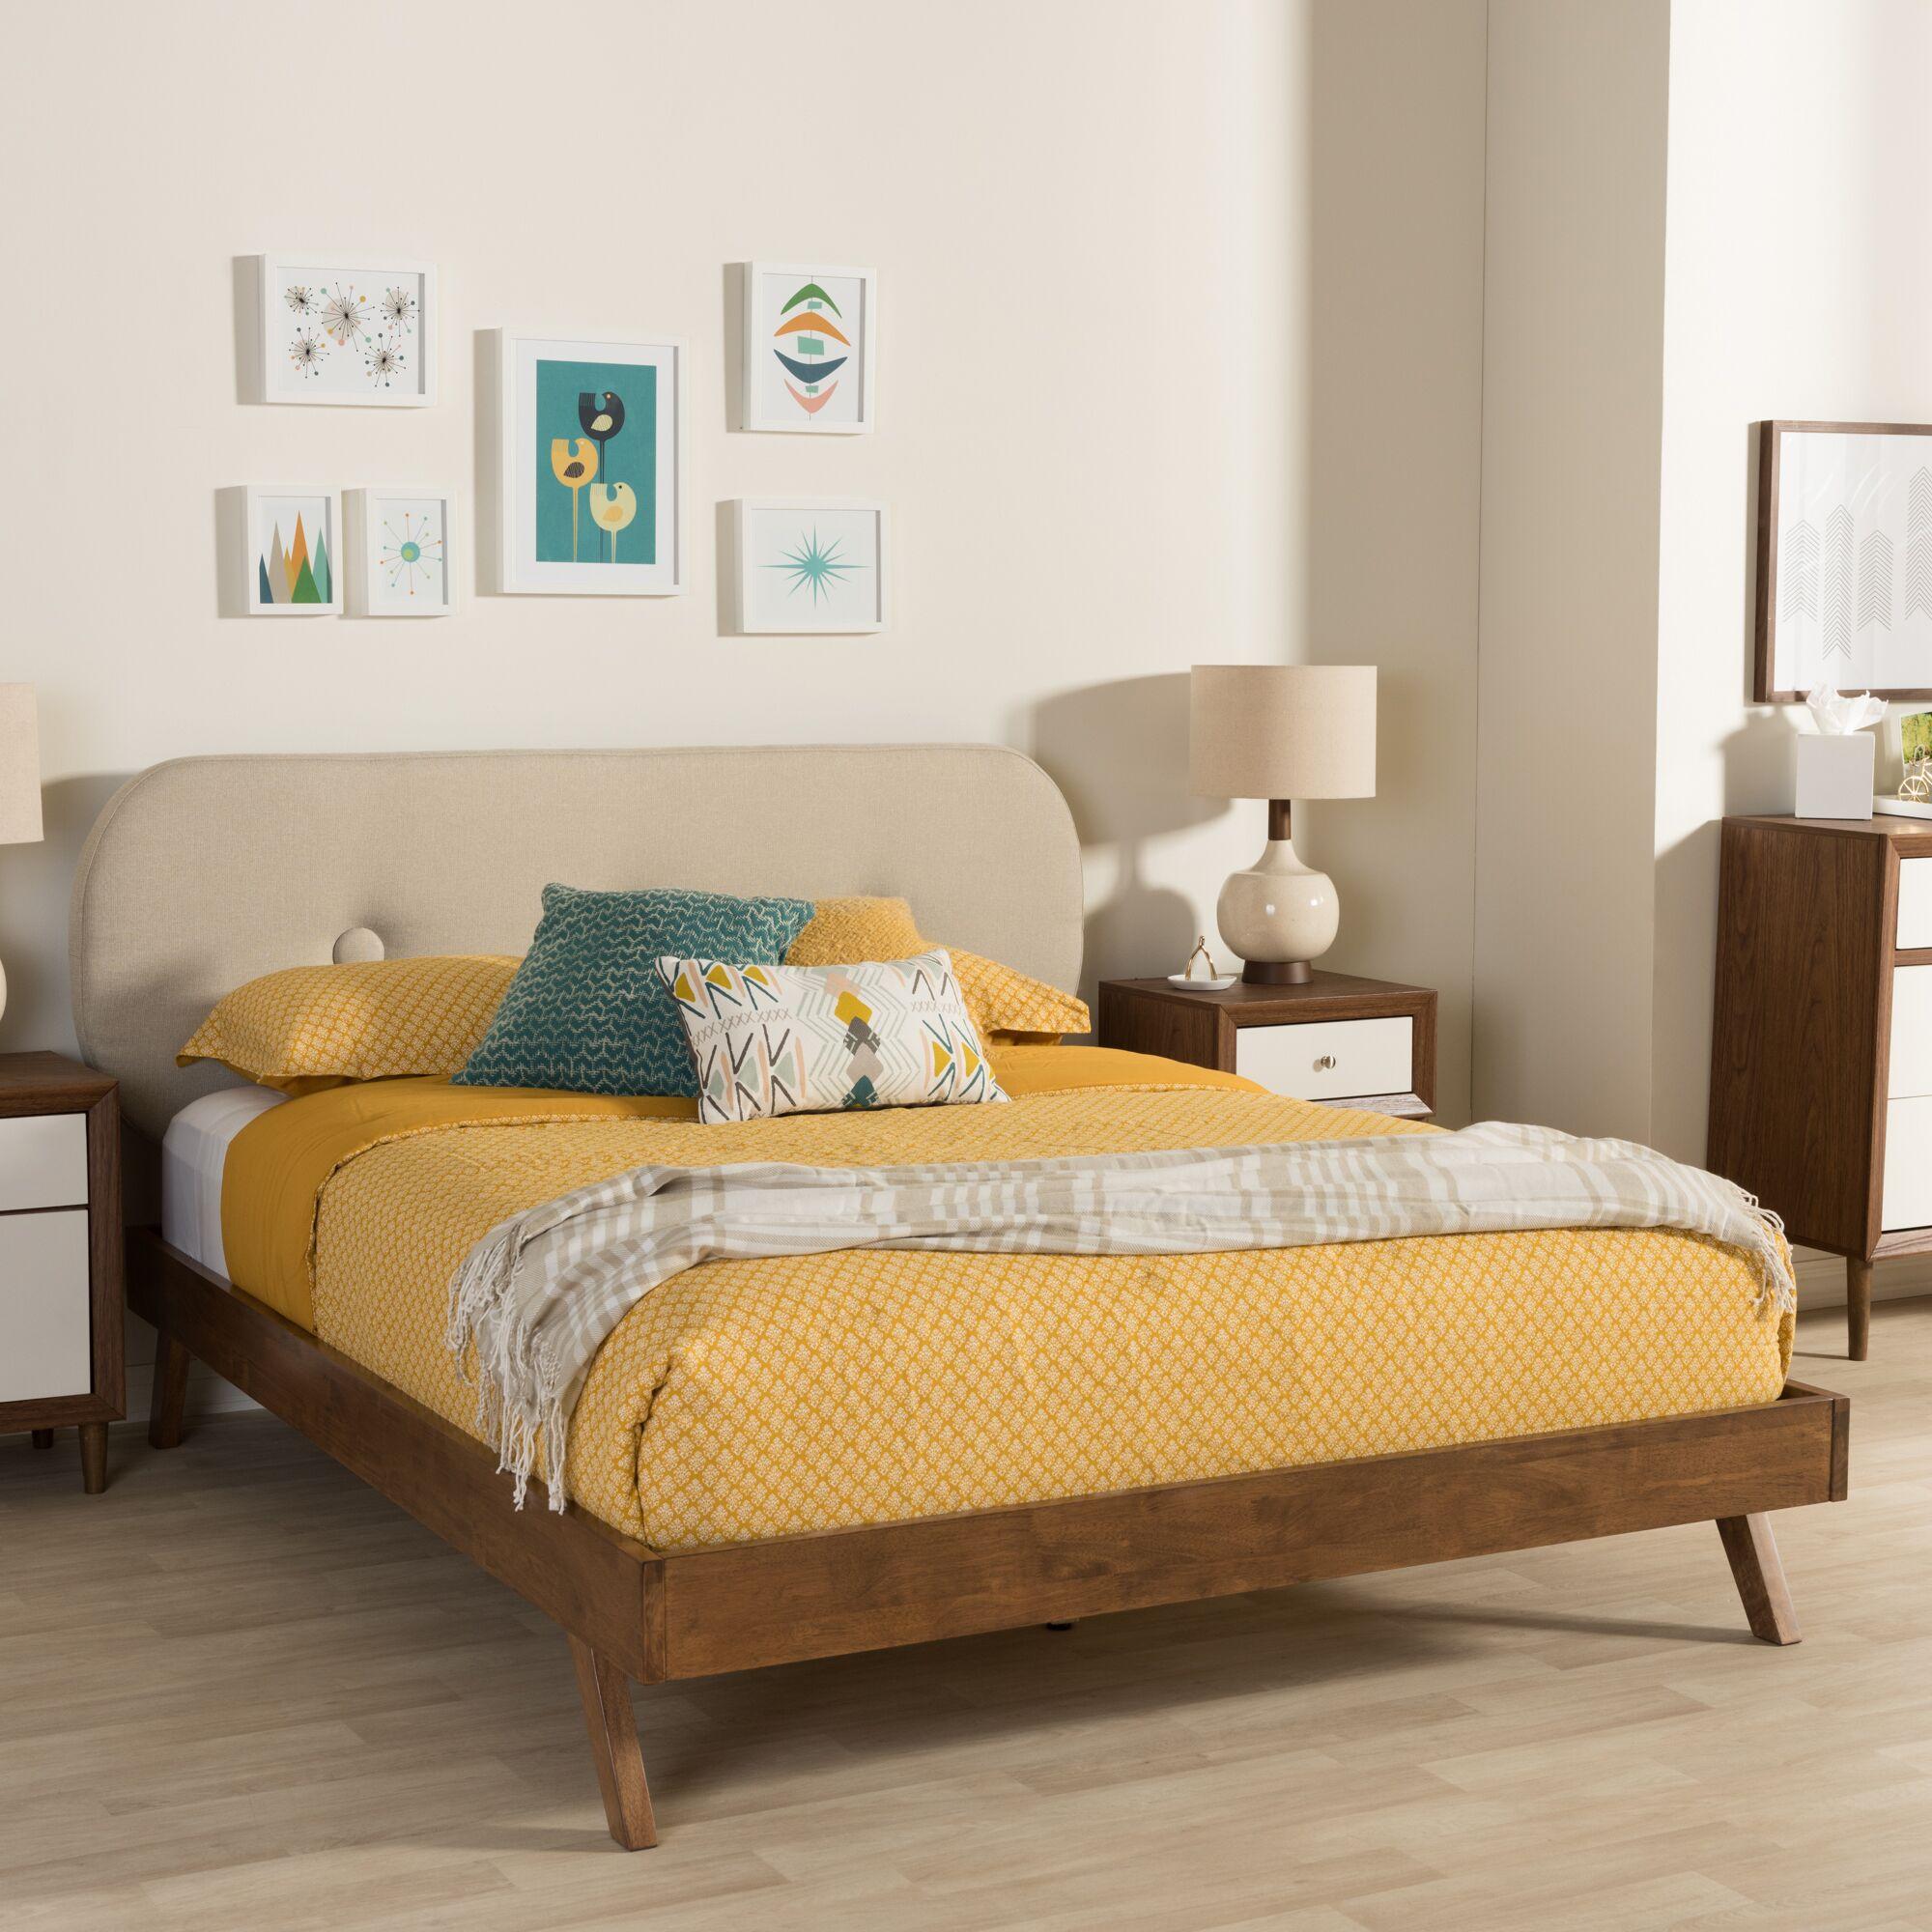 Elenora Upholstered Platform Bed Size: King